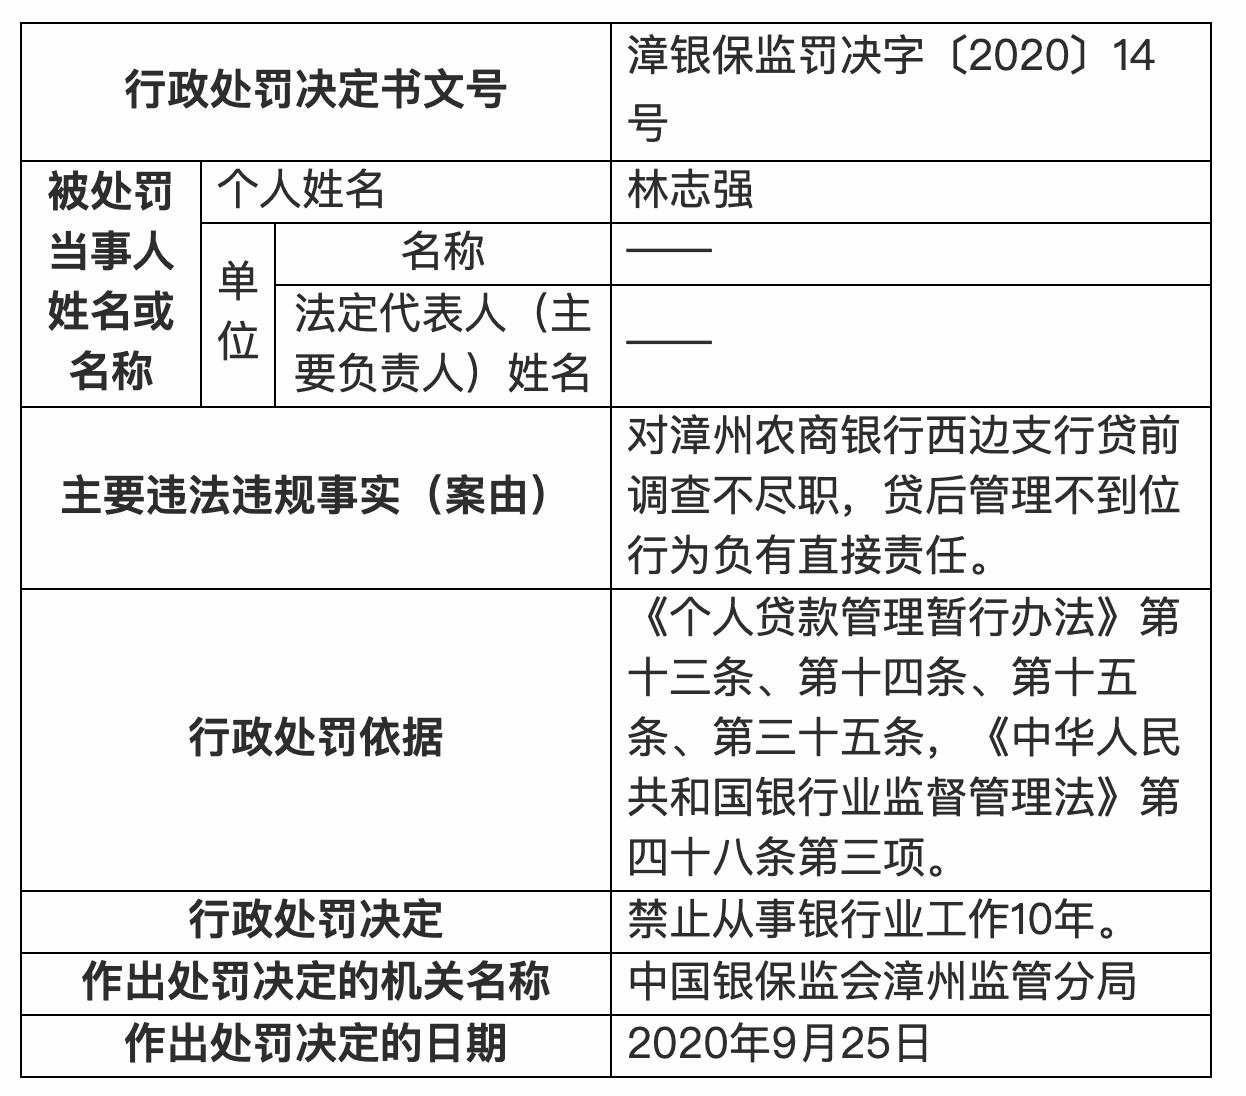 漳州农商行西边支行林志强被禁止从事银行业工作10年